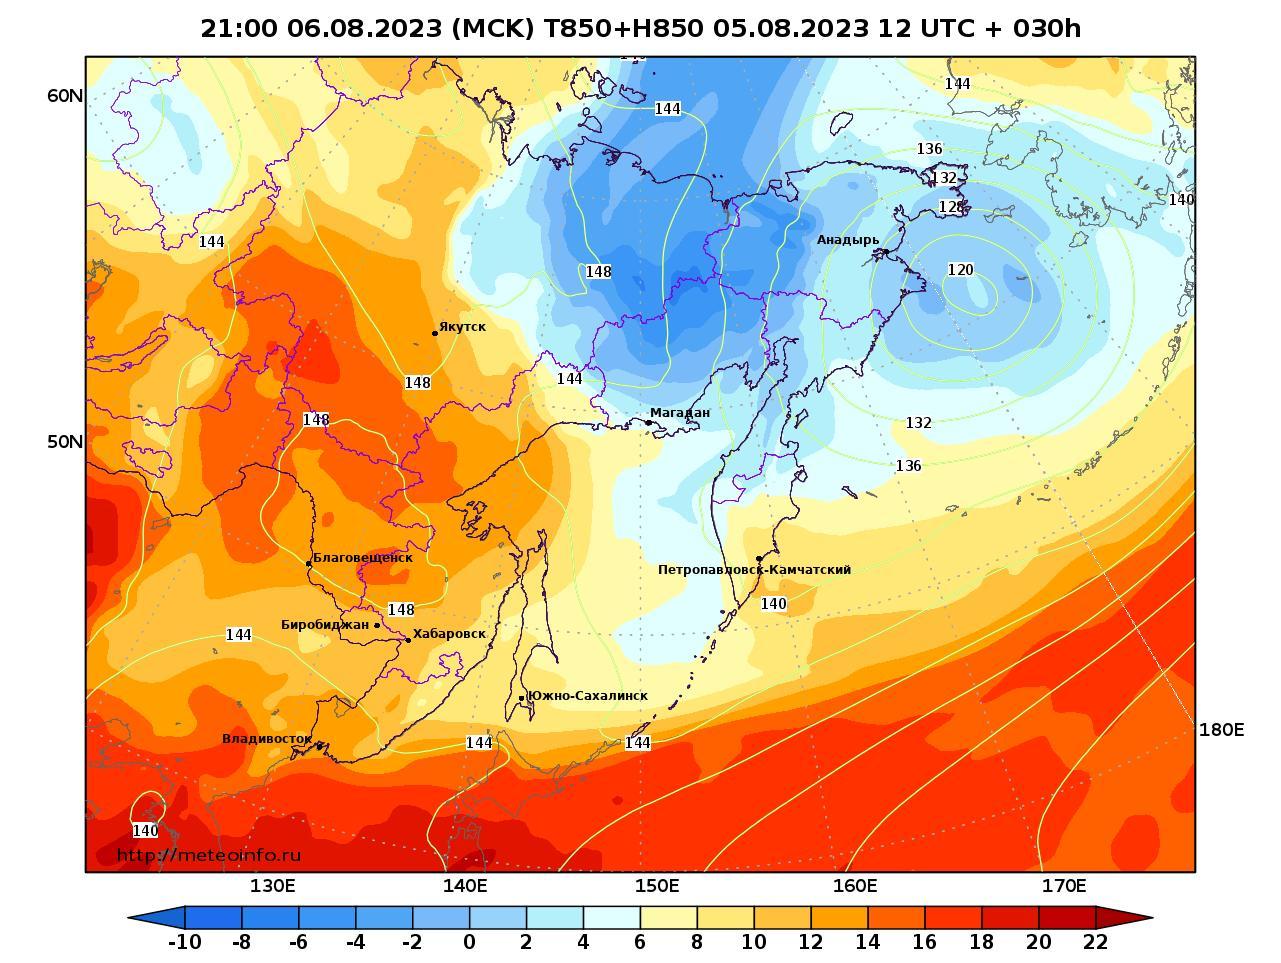 Дальний Восток, прогностическая карта температура T850 и геопотенциал H850, заблаговременность прогноза 30 часов